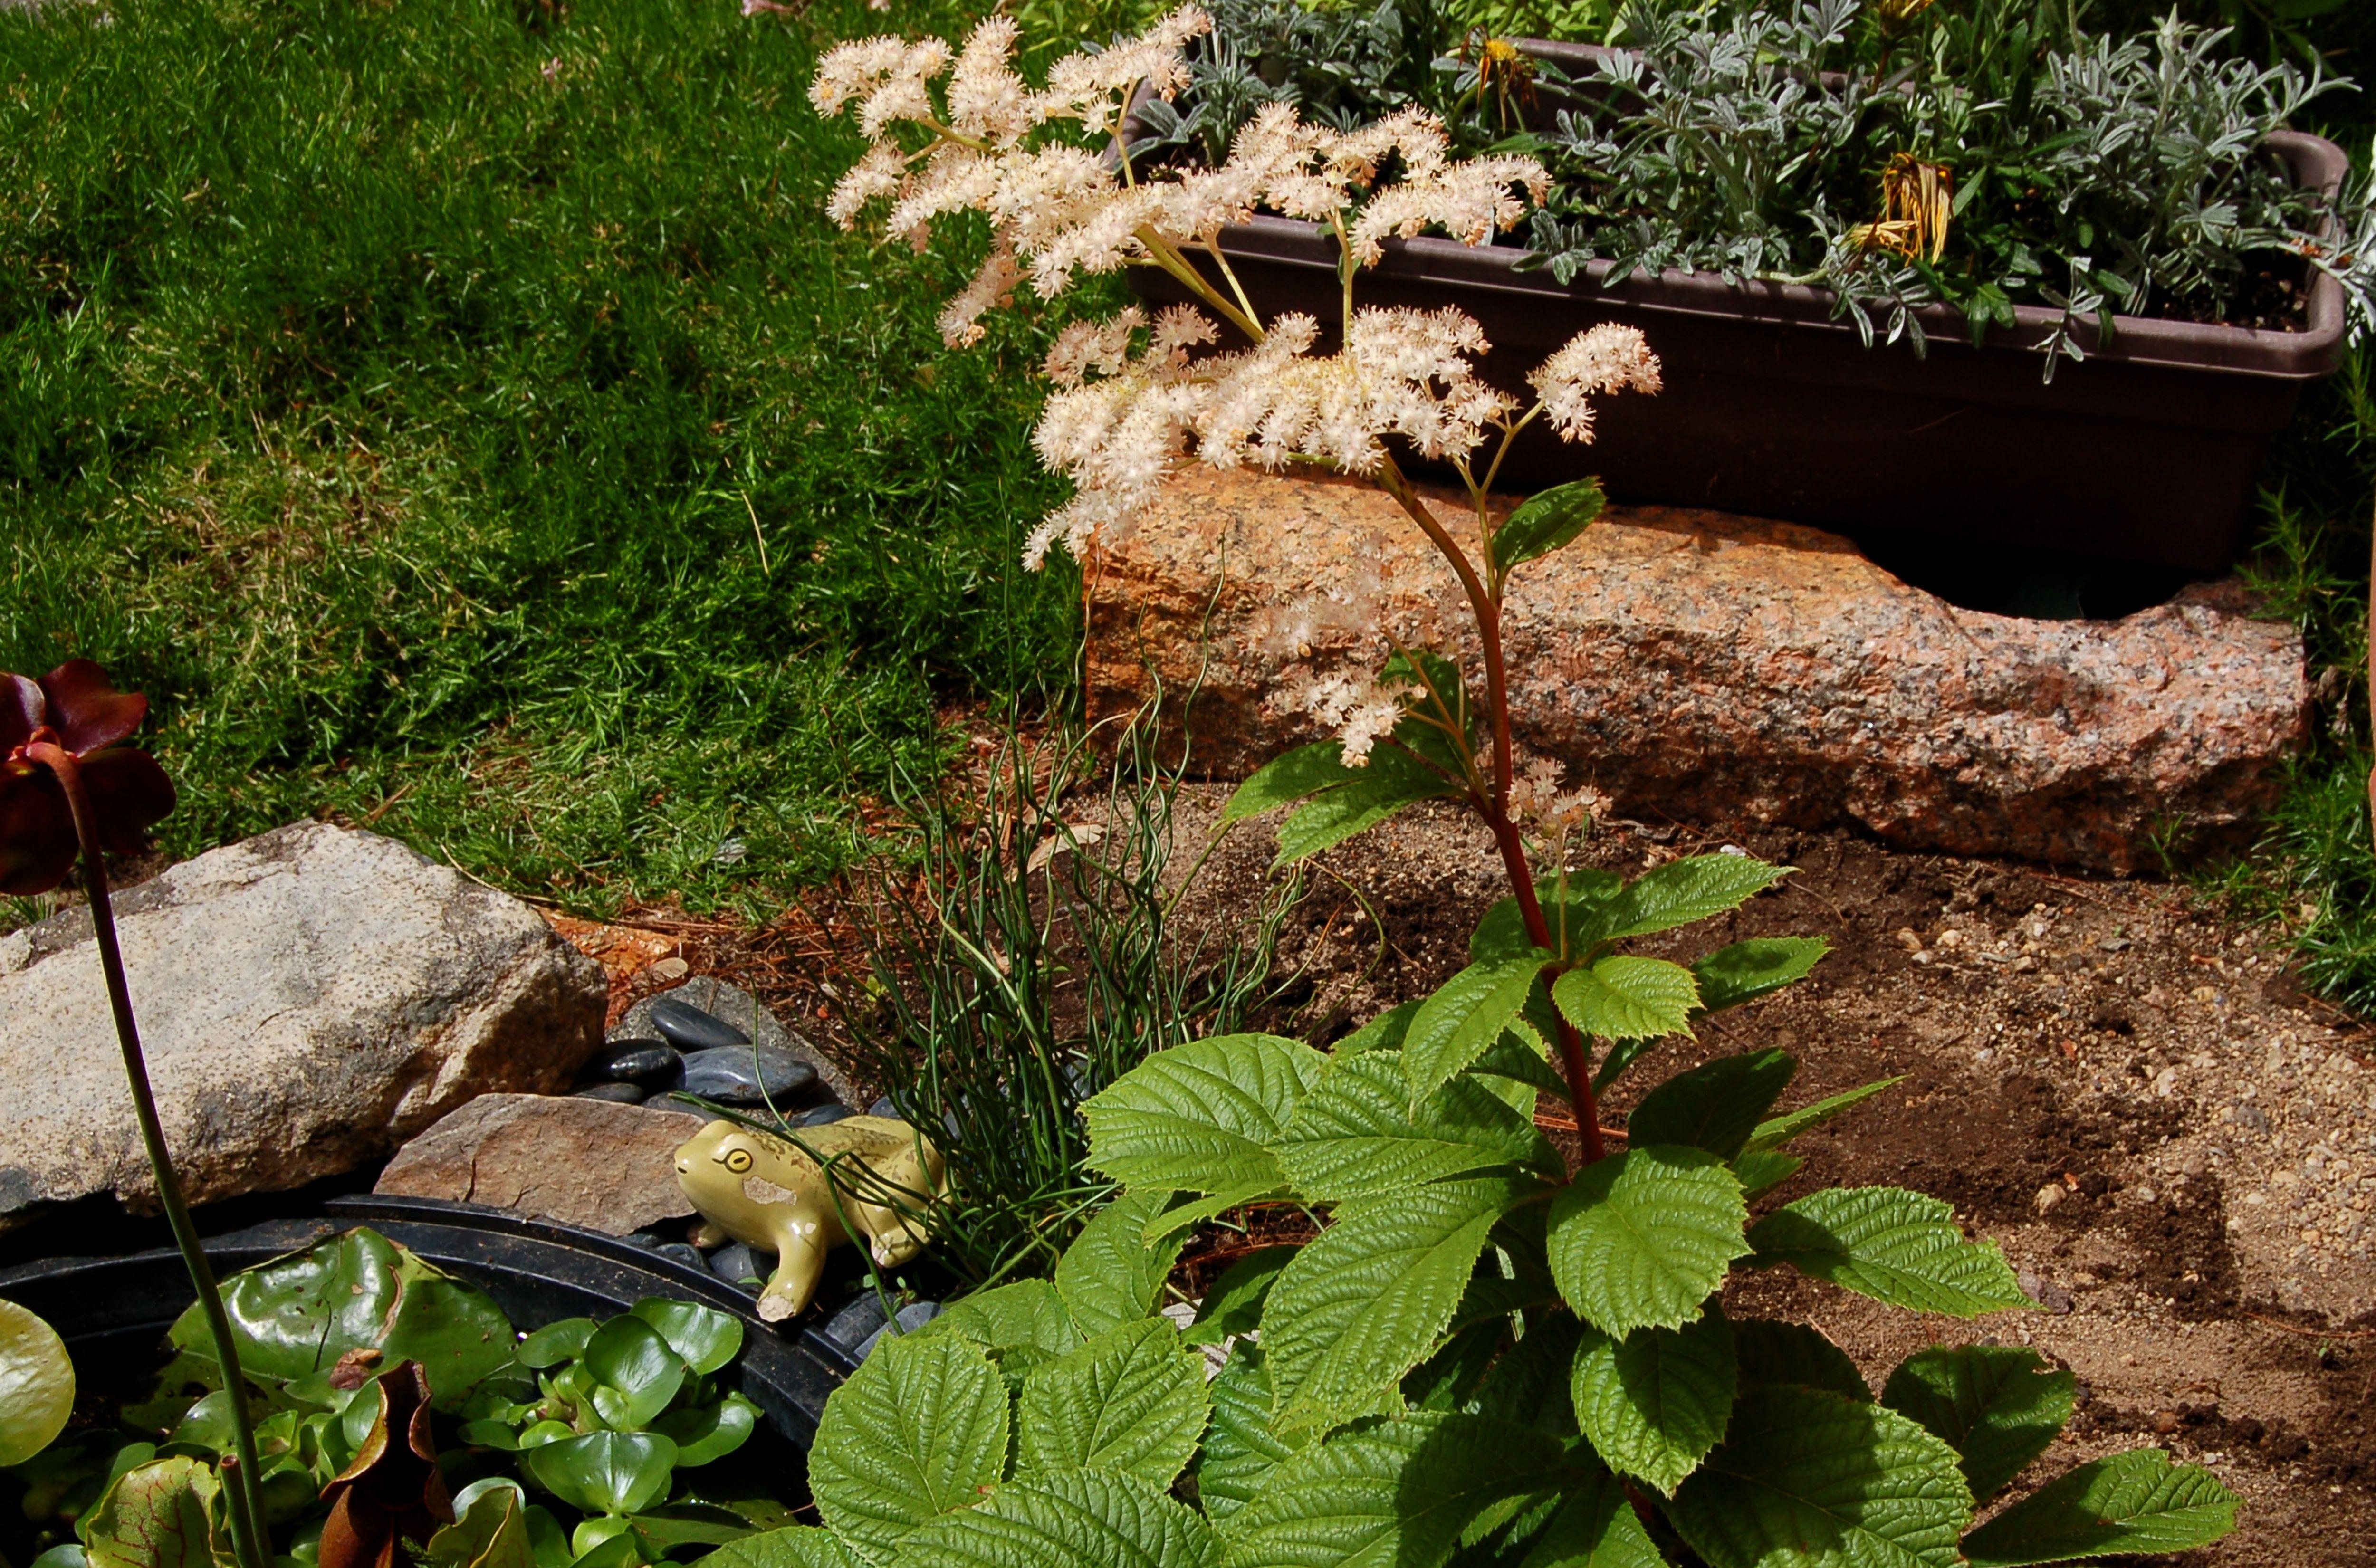 The Best Garden Tours in Washington D.C.